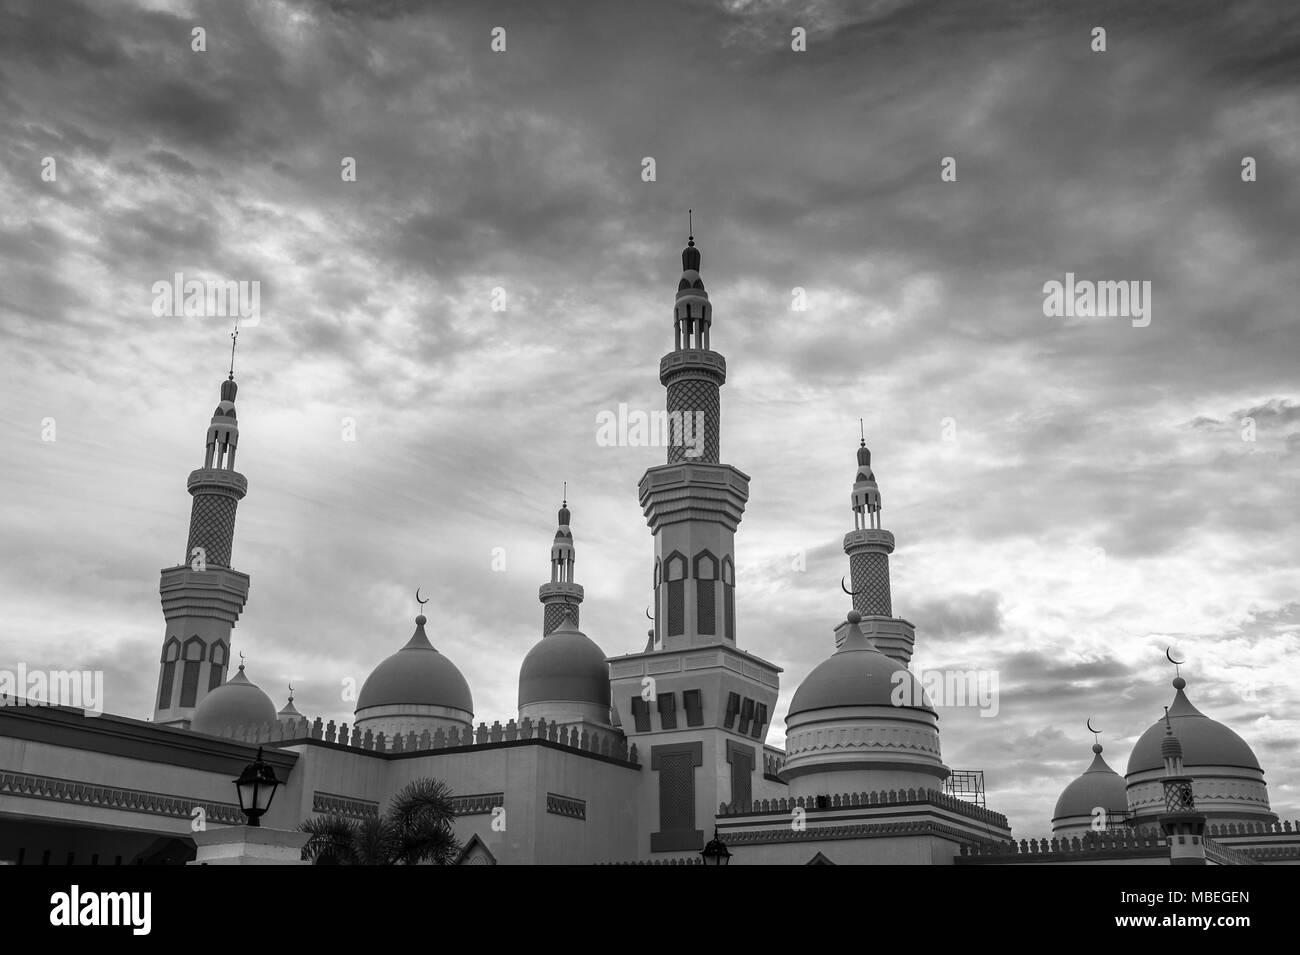 The Golden Mosque of Cotabato City, Mindanao, Philippines - Stock Image